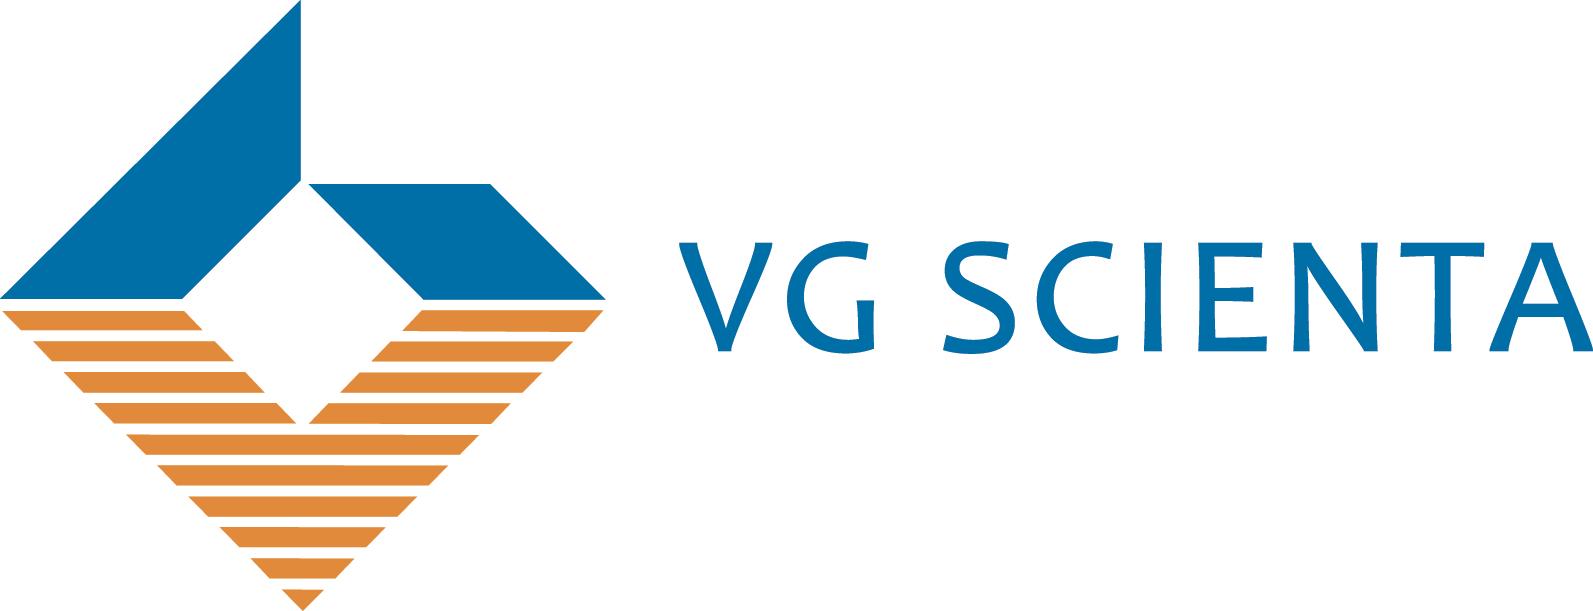 VG Scienta